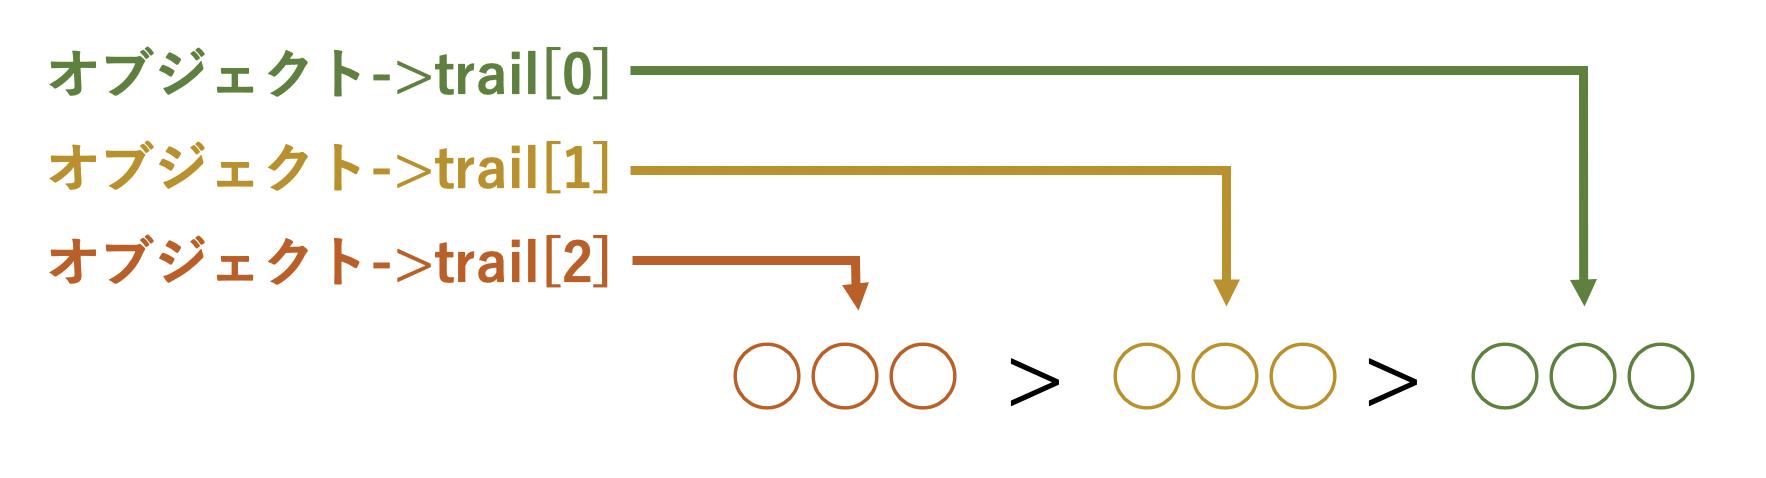 パンくずの構造説明